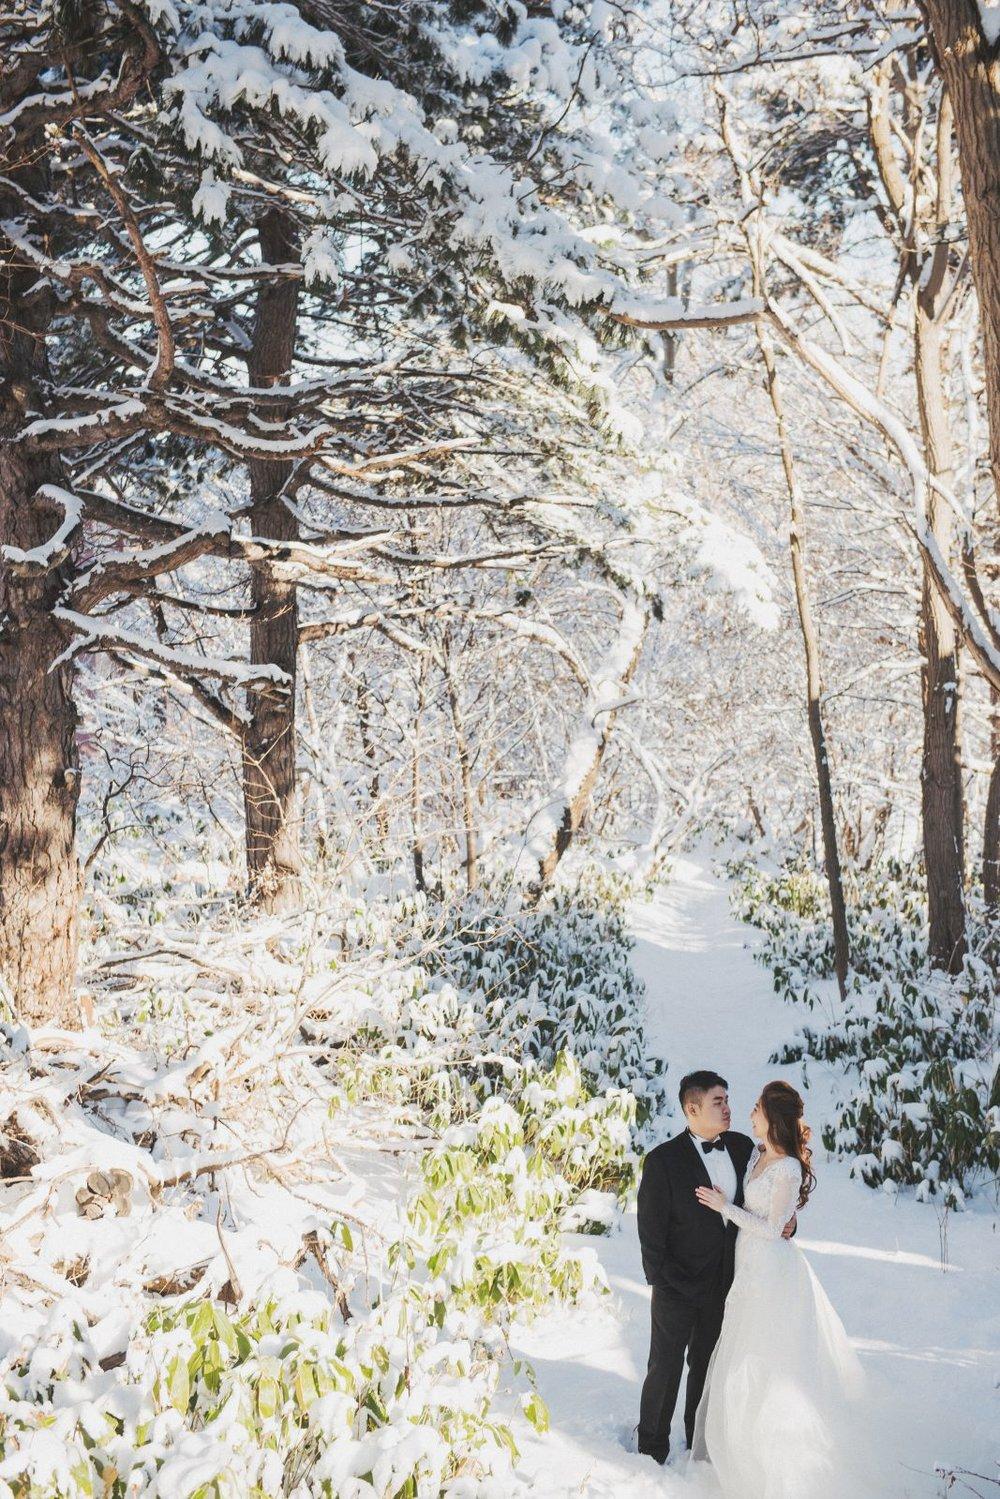 雪地婚紗,北海道雪景婚紗